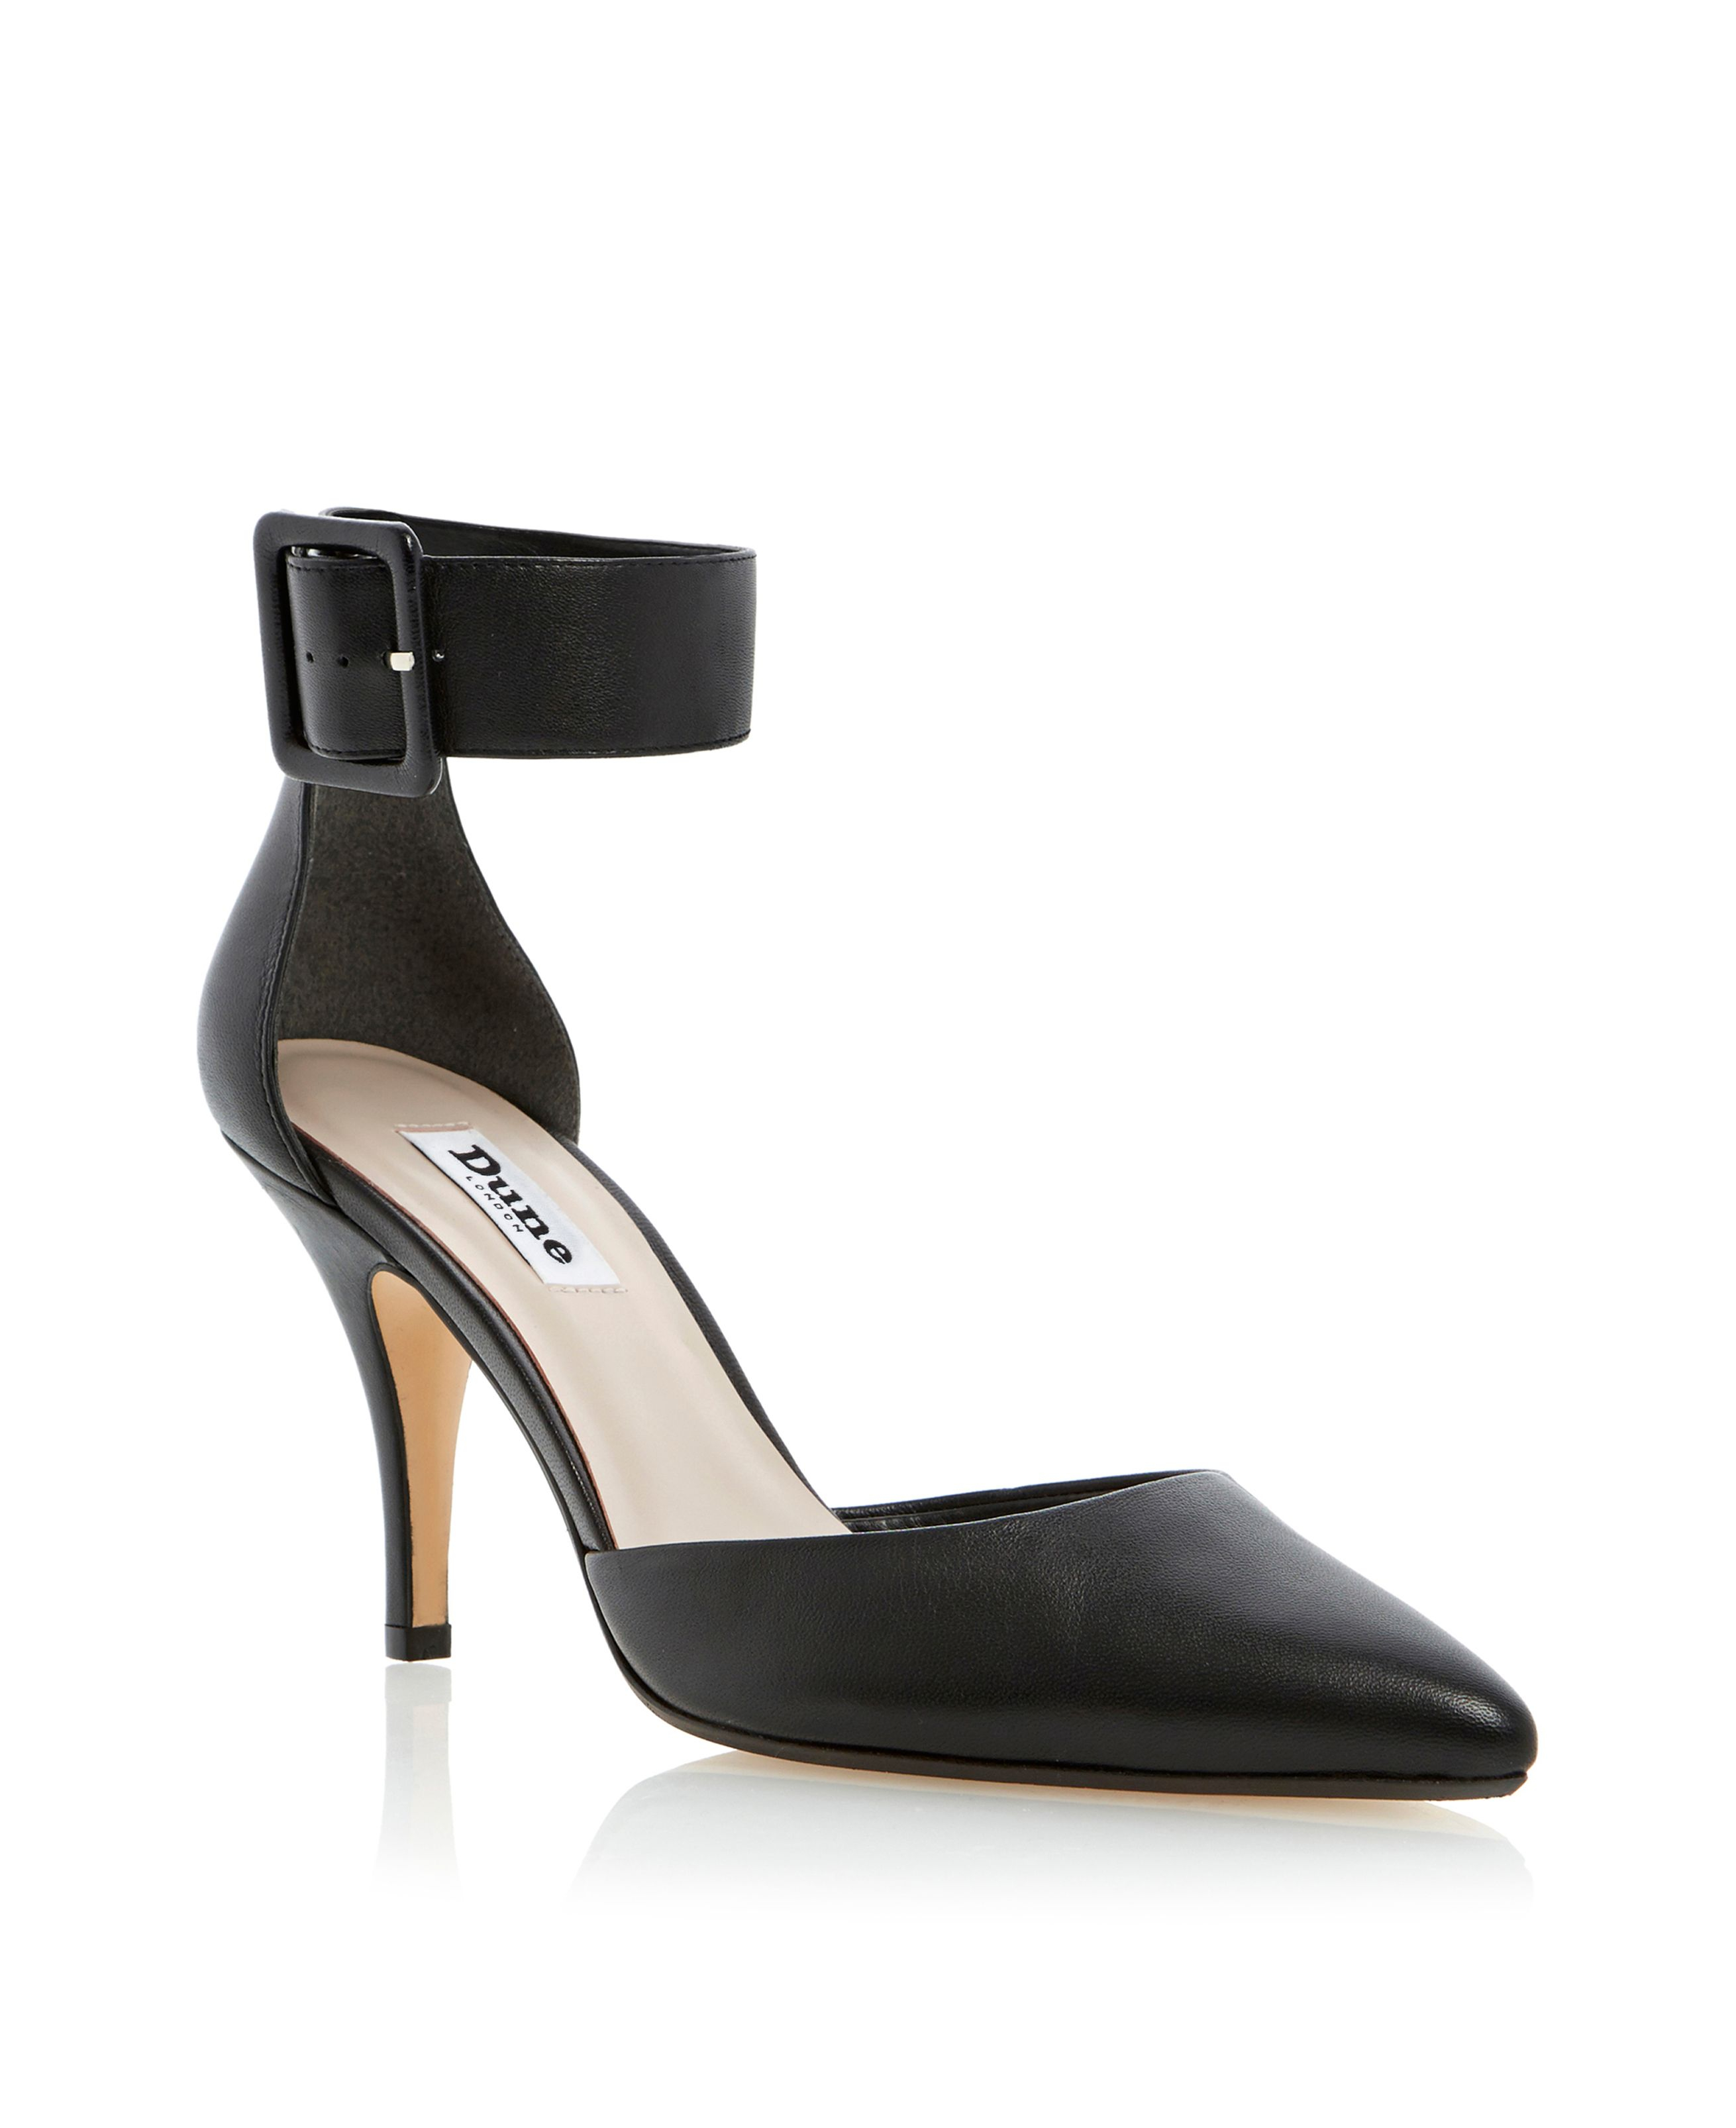 Casadei Shoes Sale